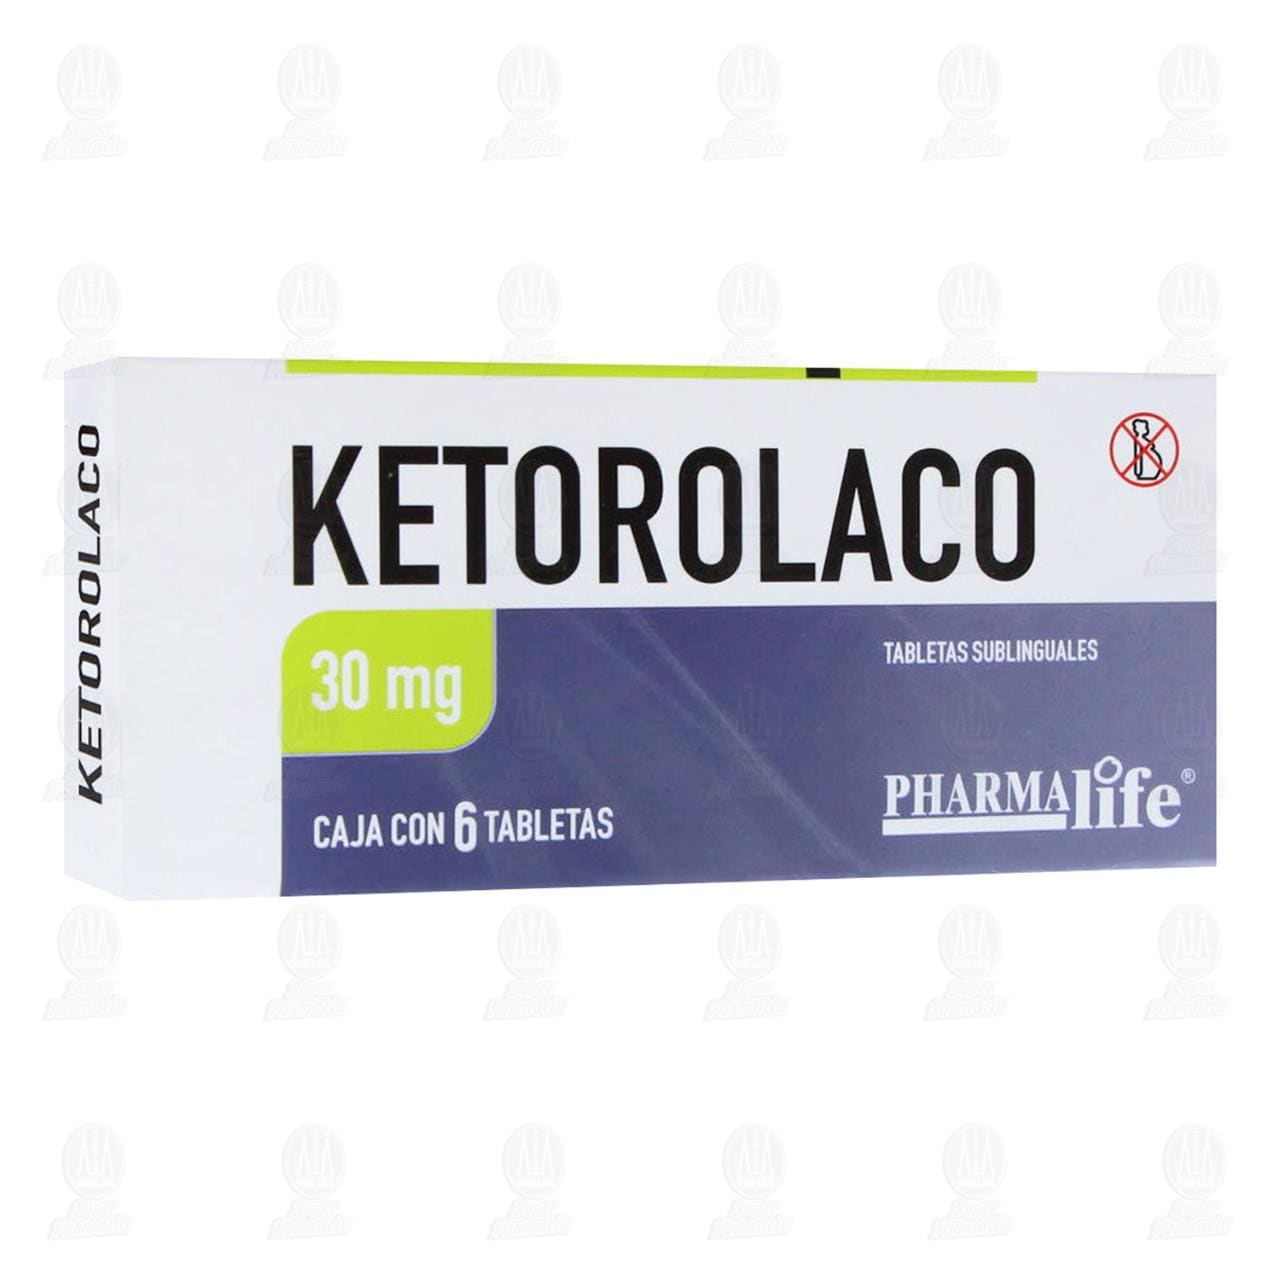 Comprar Ketorolaco 30mg 6 Tabletas Pharmalife en Farmacias Guadalajara